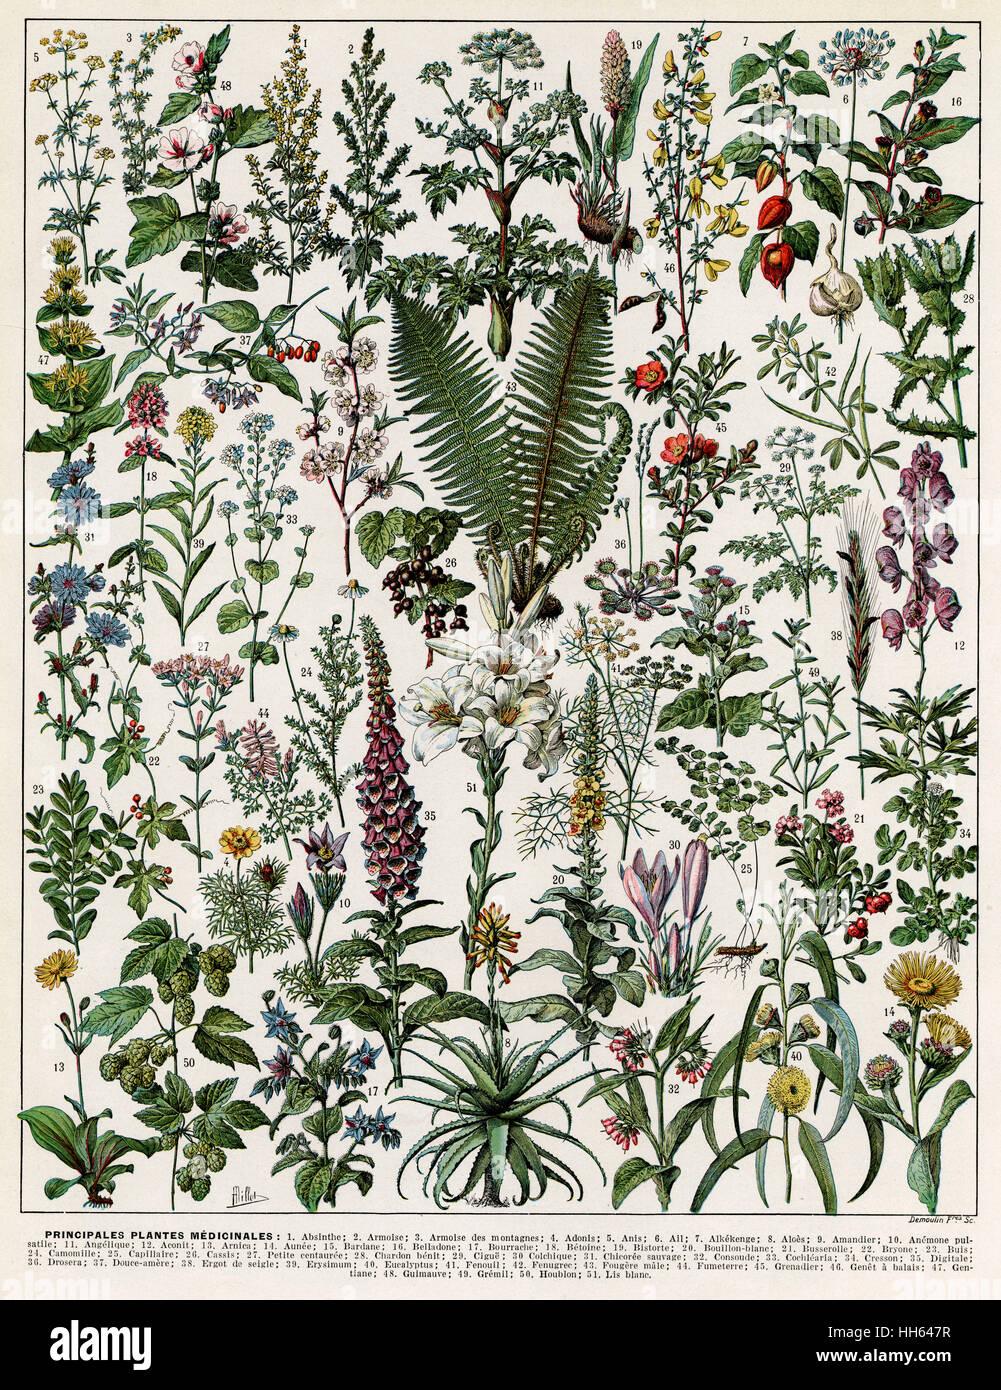 Une variété de plantes médicinales notamment digitales, fougères, crocus et physallis. Photo Stock